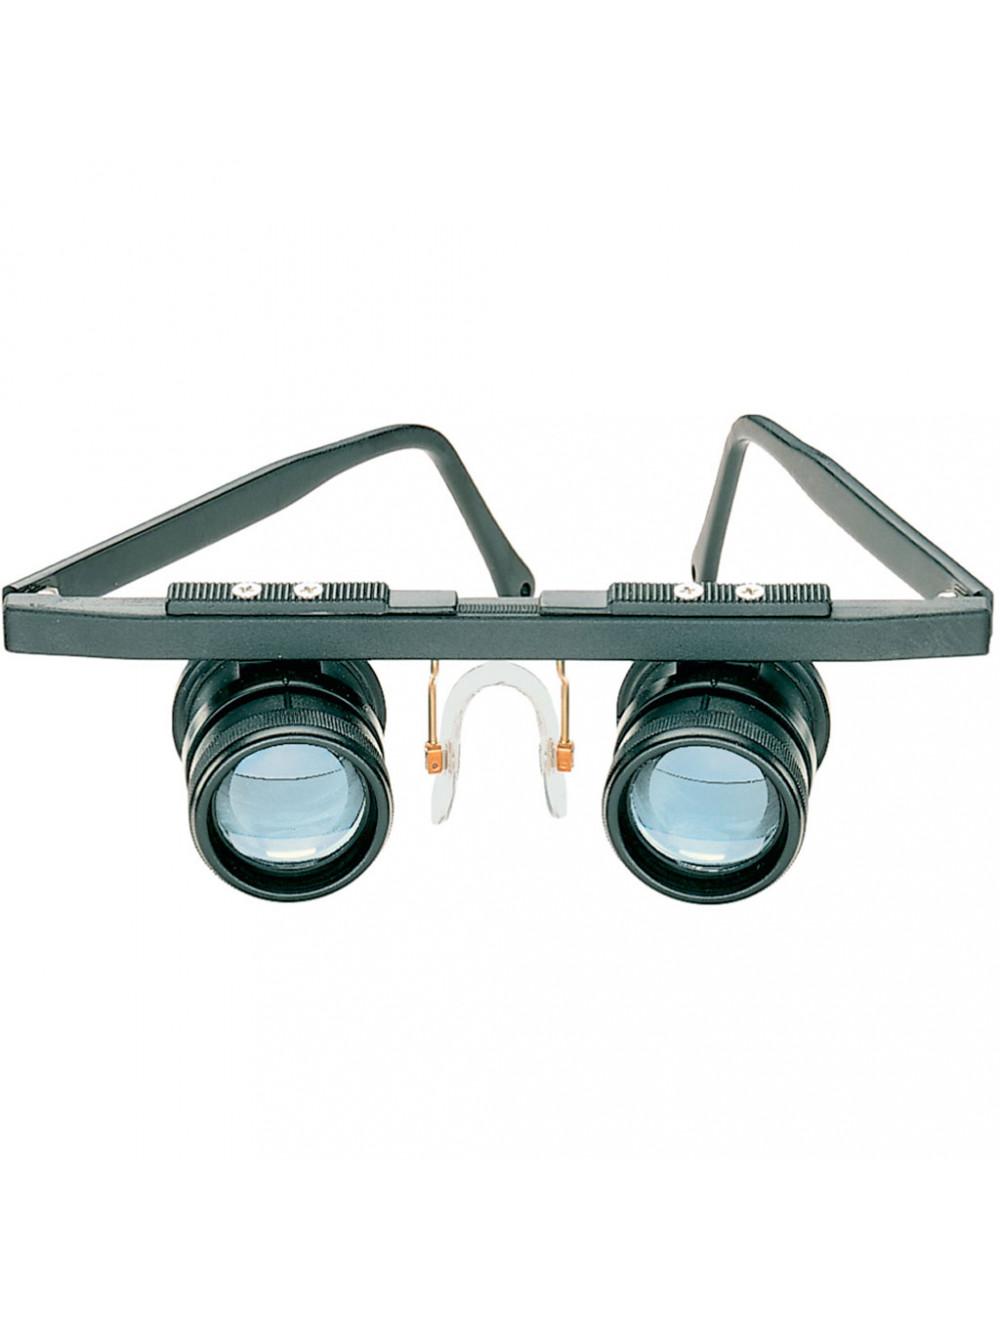 Das Produkt Eschenbach ridoMED Lupenbrille, binokular 16362-64 aus dem Global-dent online shop.